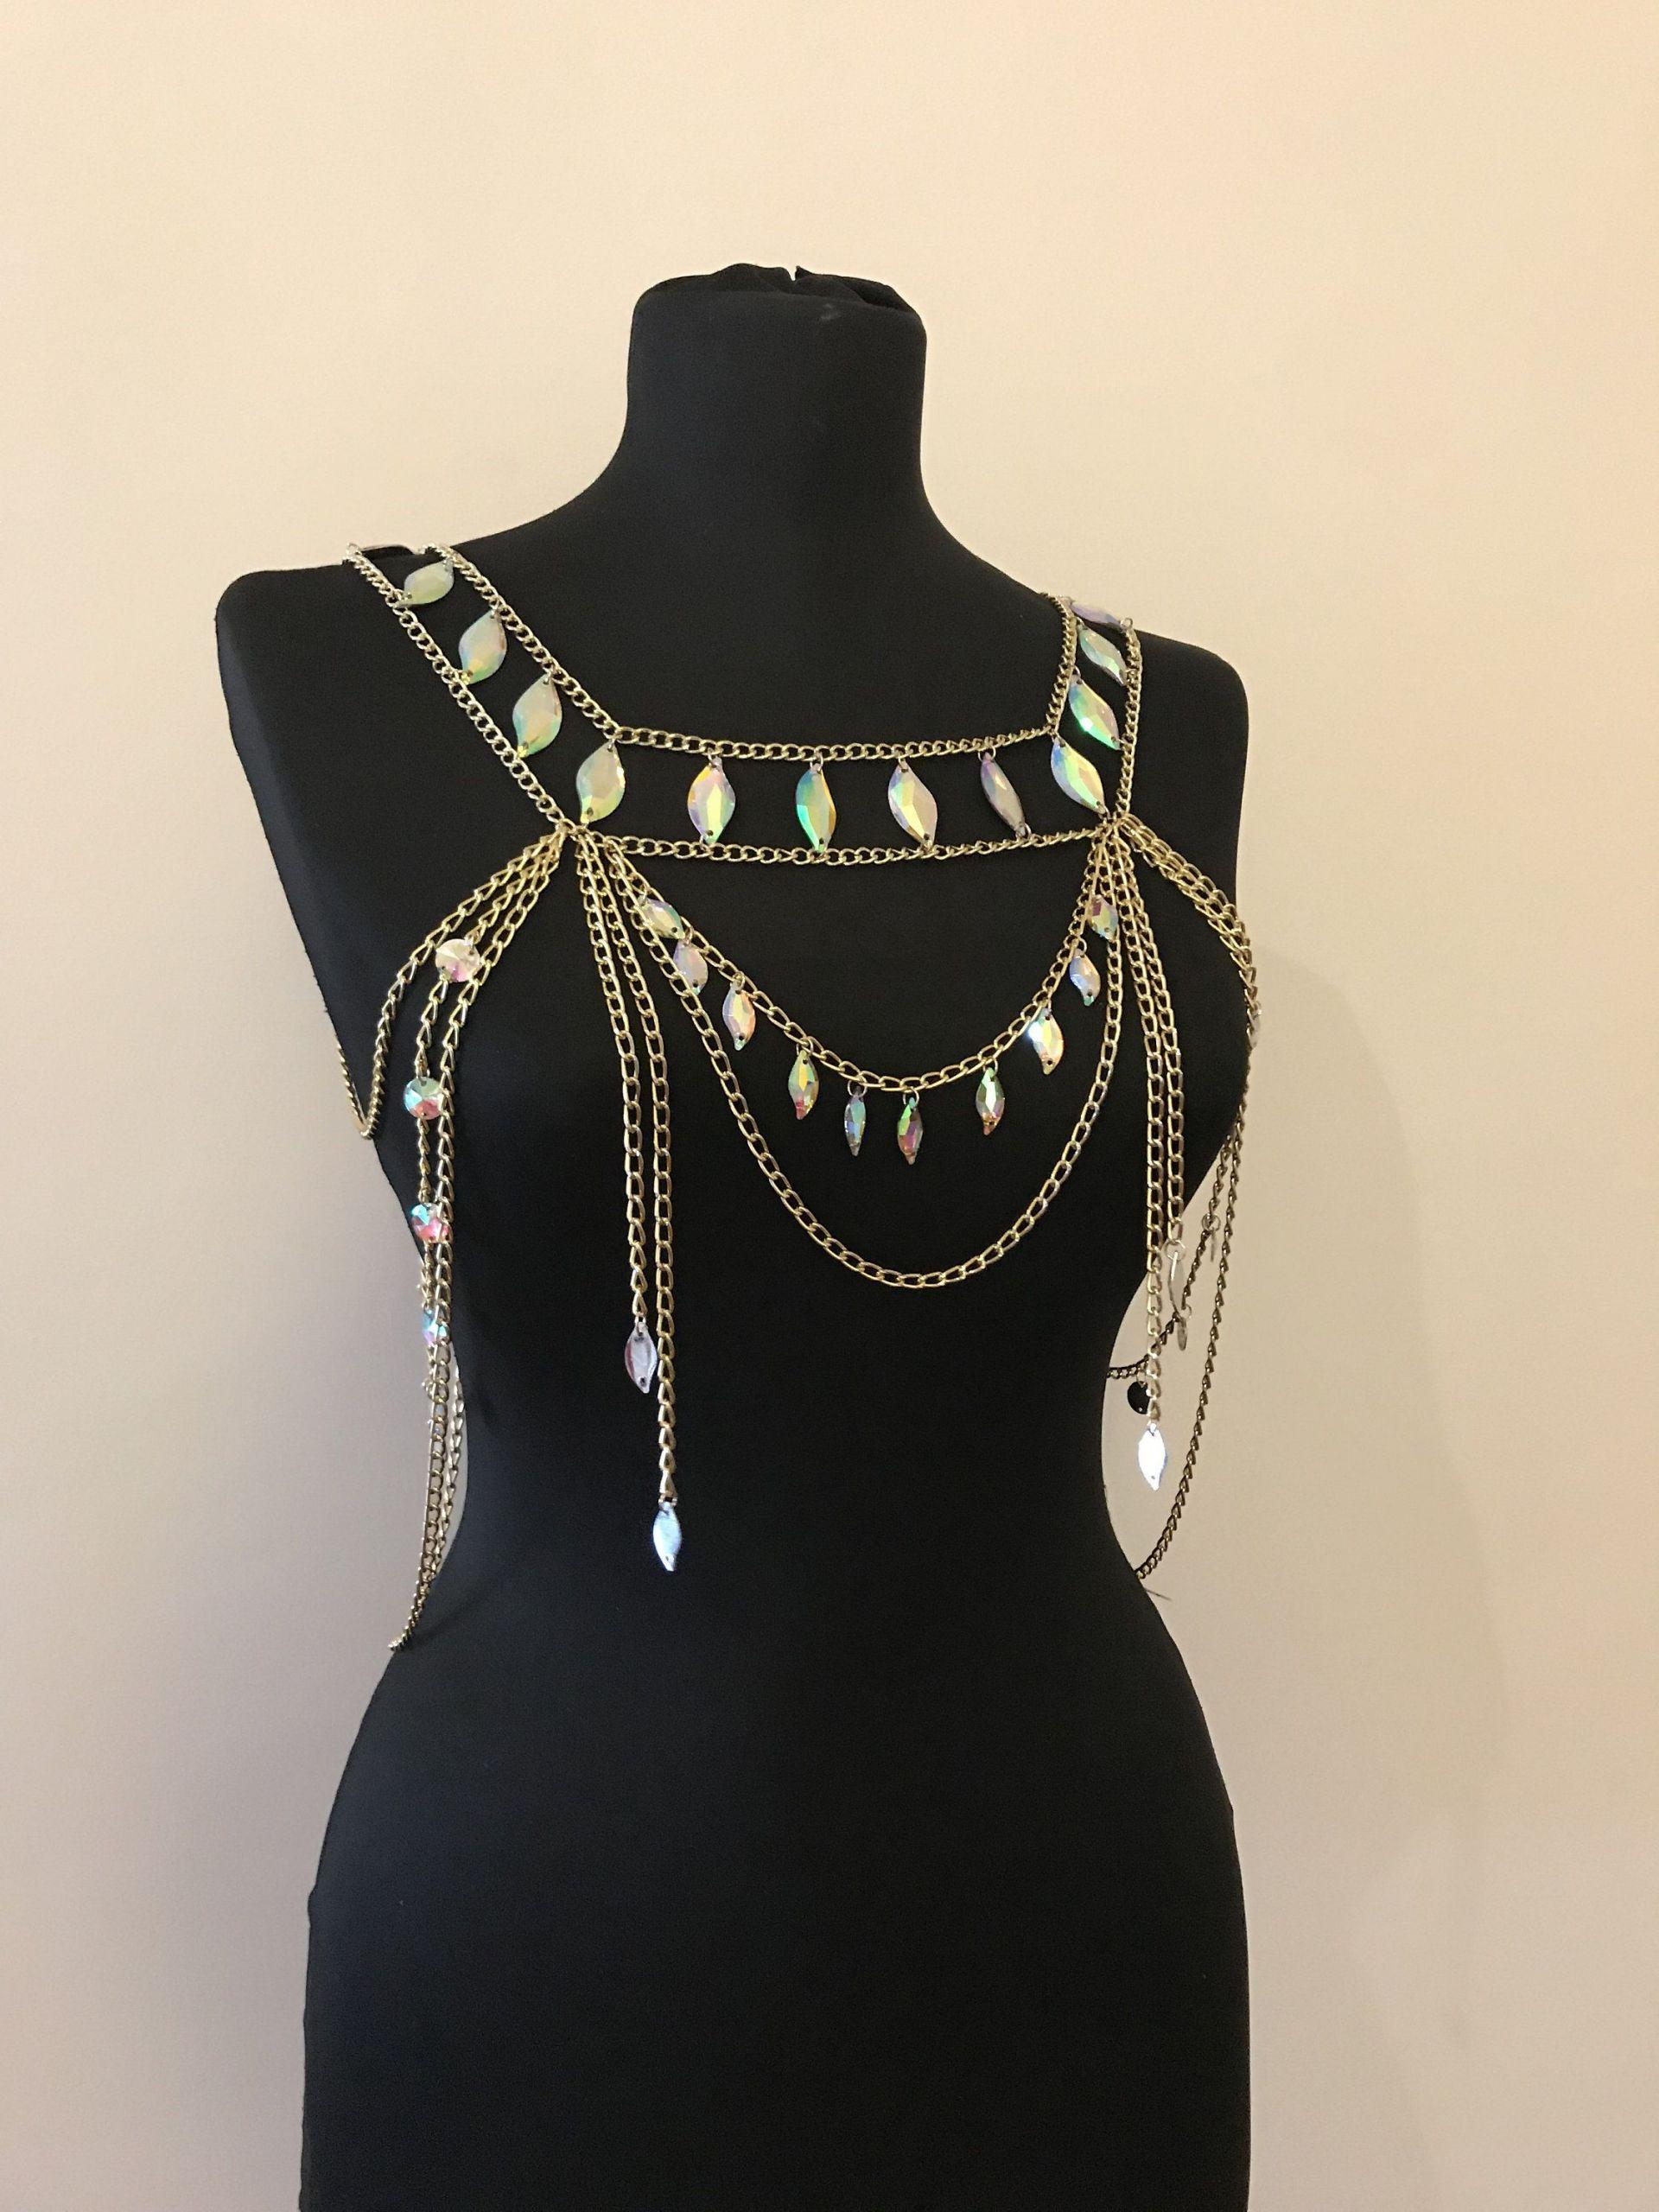 Body Jewelry Coachella  Crystal Body Jewelry Festival Jewelry Burningman With